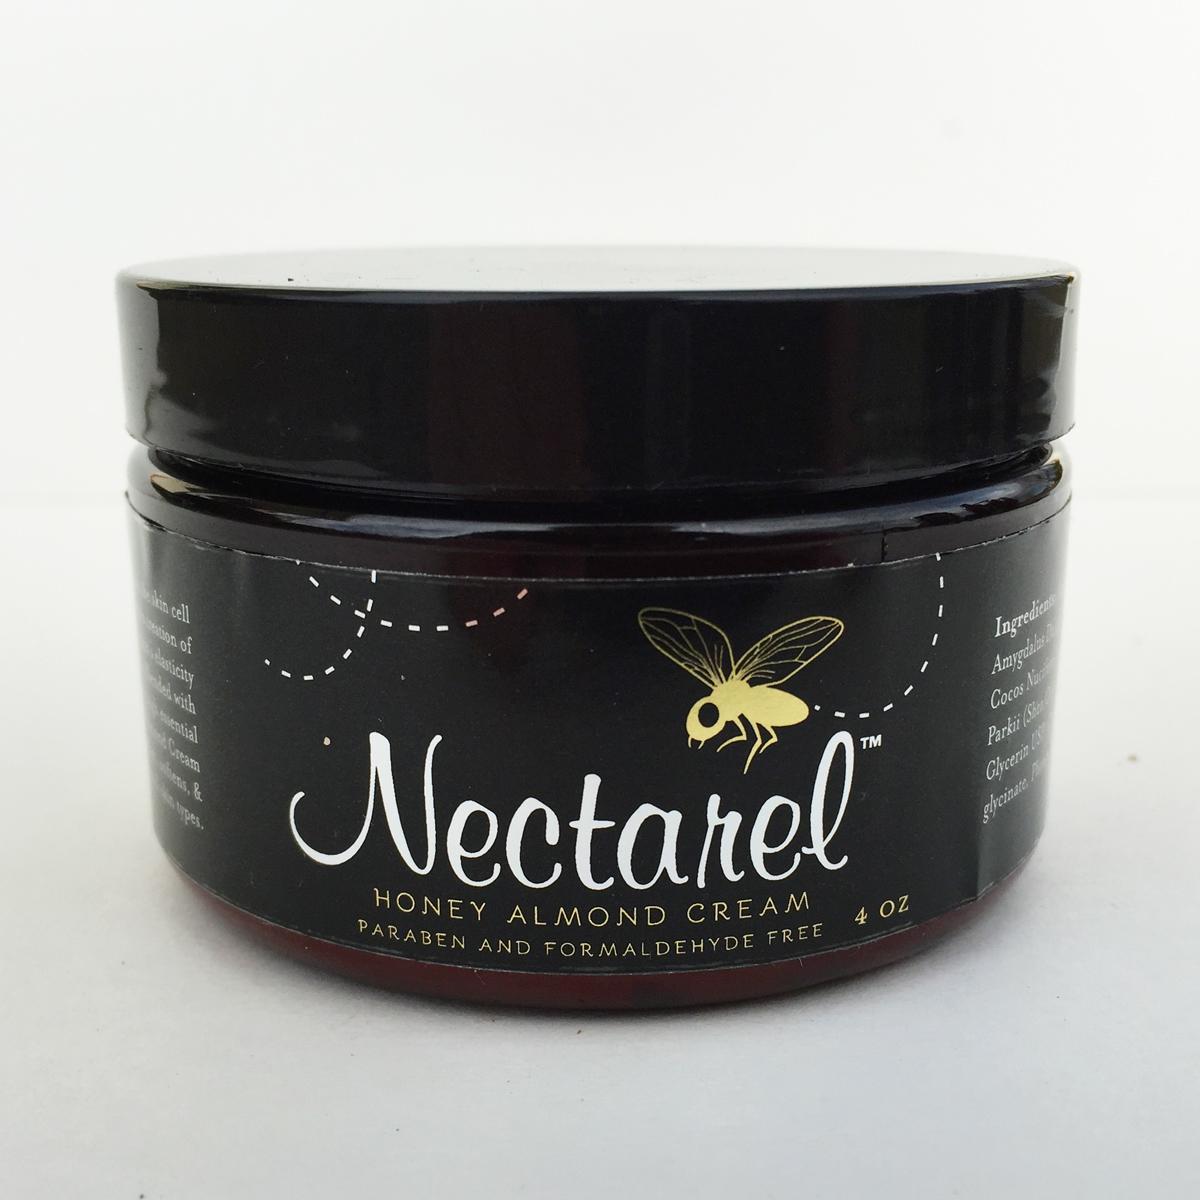 Nectarel / Logo